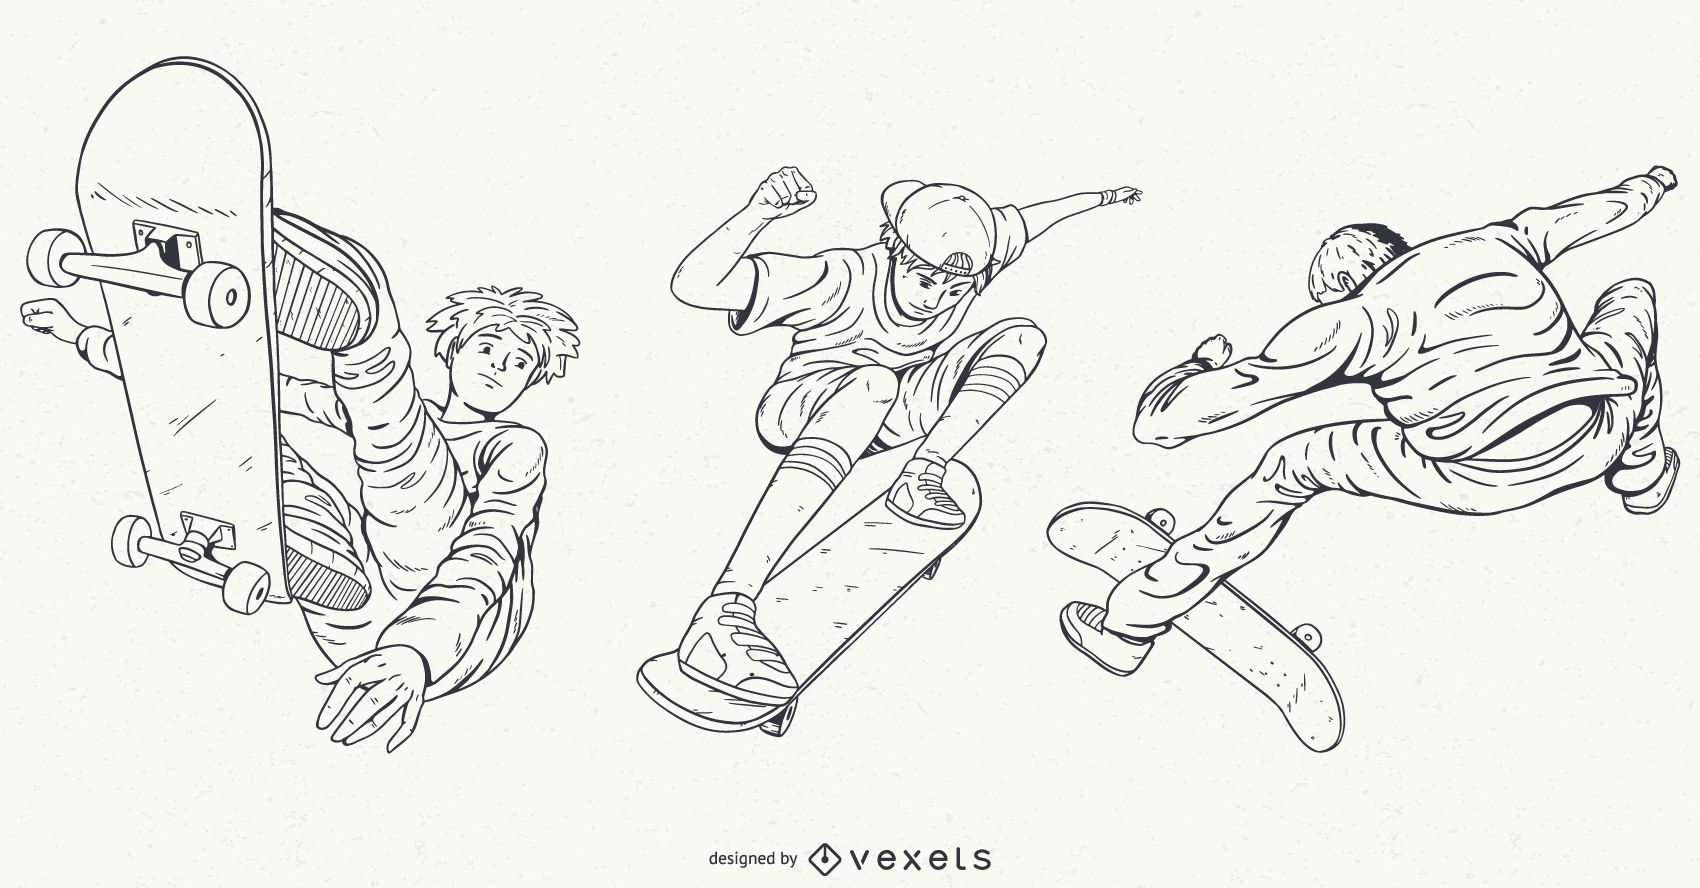 Hand drawn characters skating set